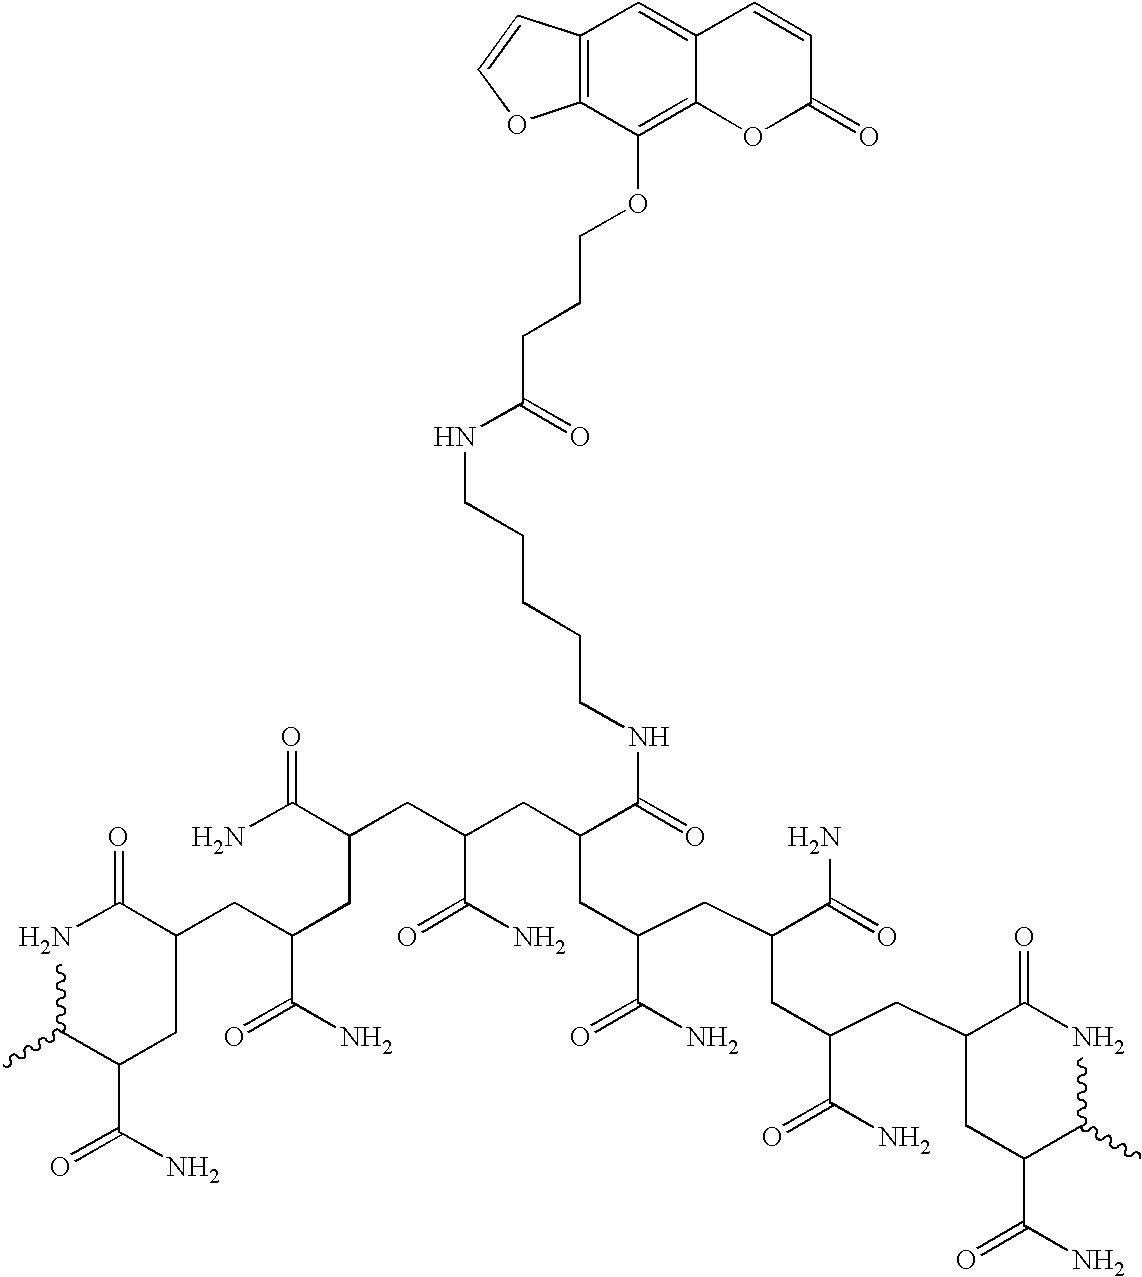 Figure US07223851-20070529-C00001